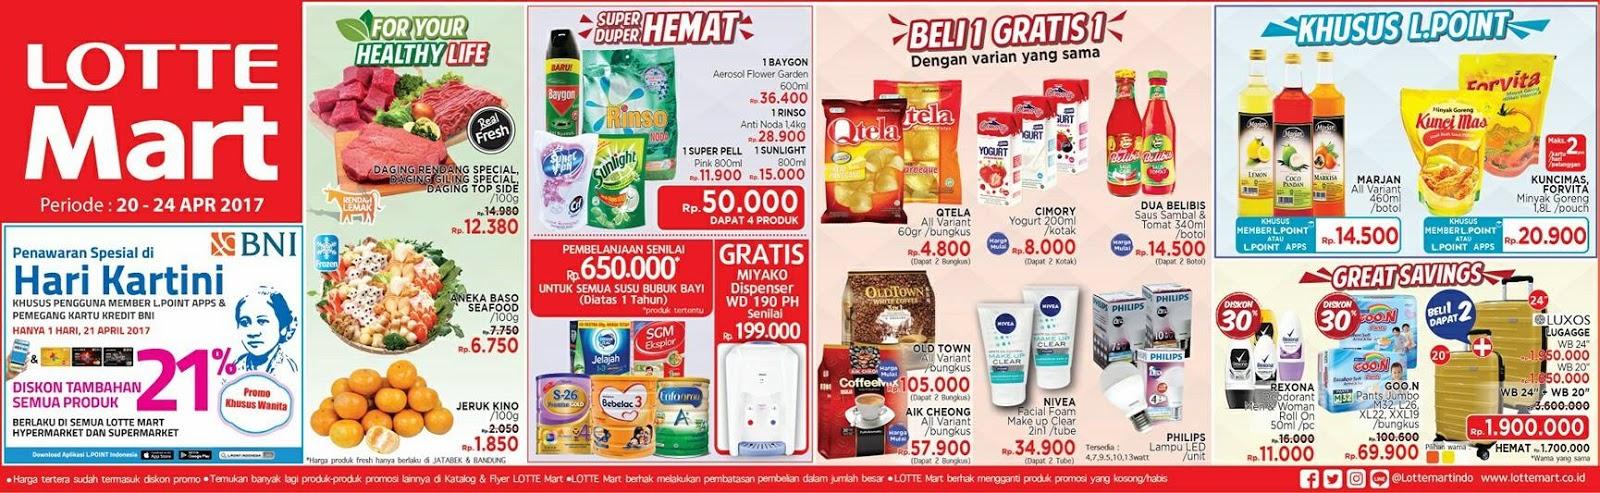 Katalog Promo Lottemart Akhir Pekan 7-9 September 2018